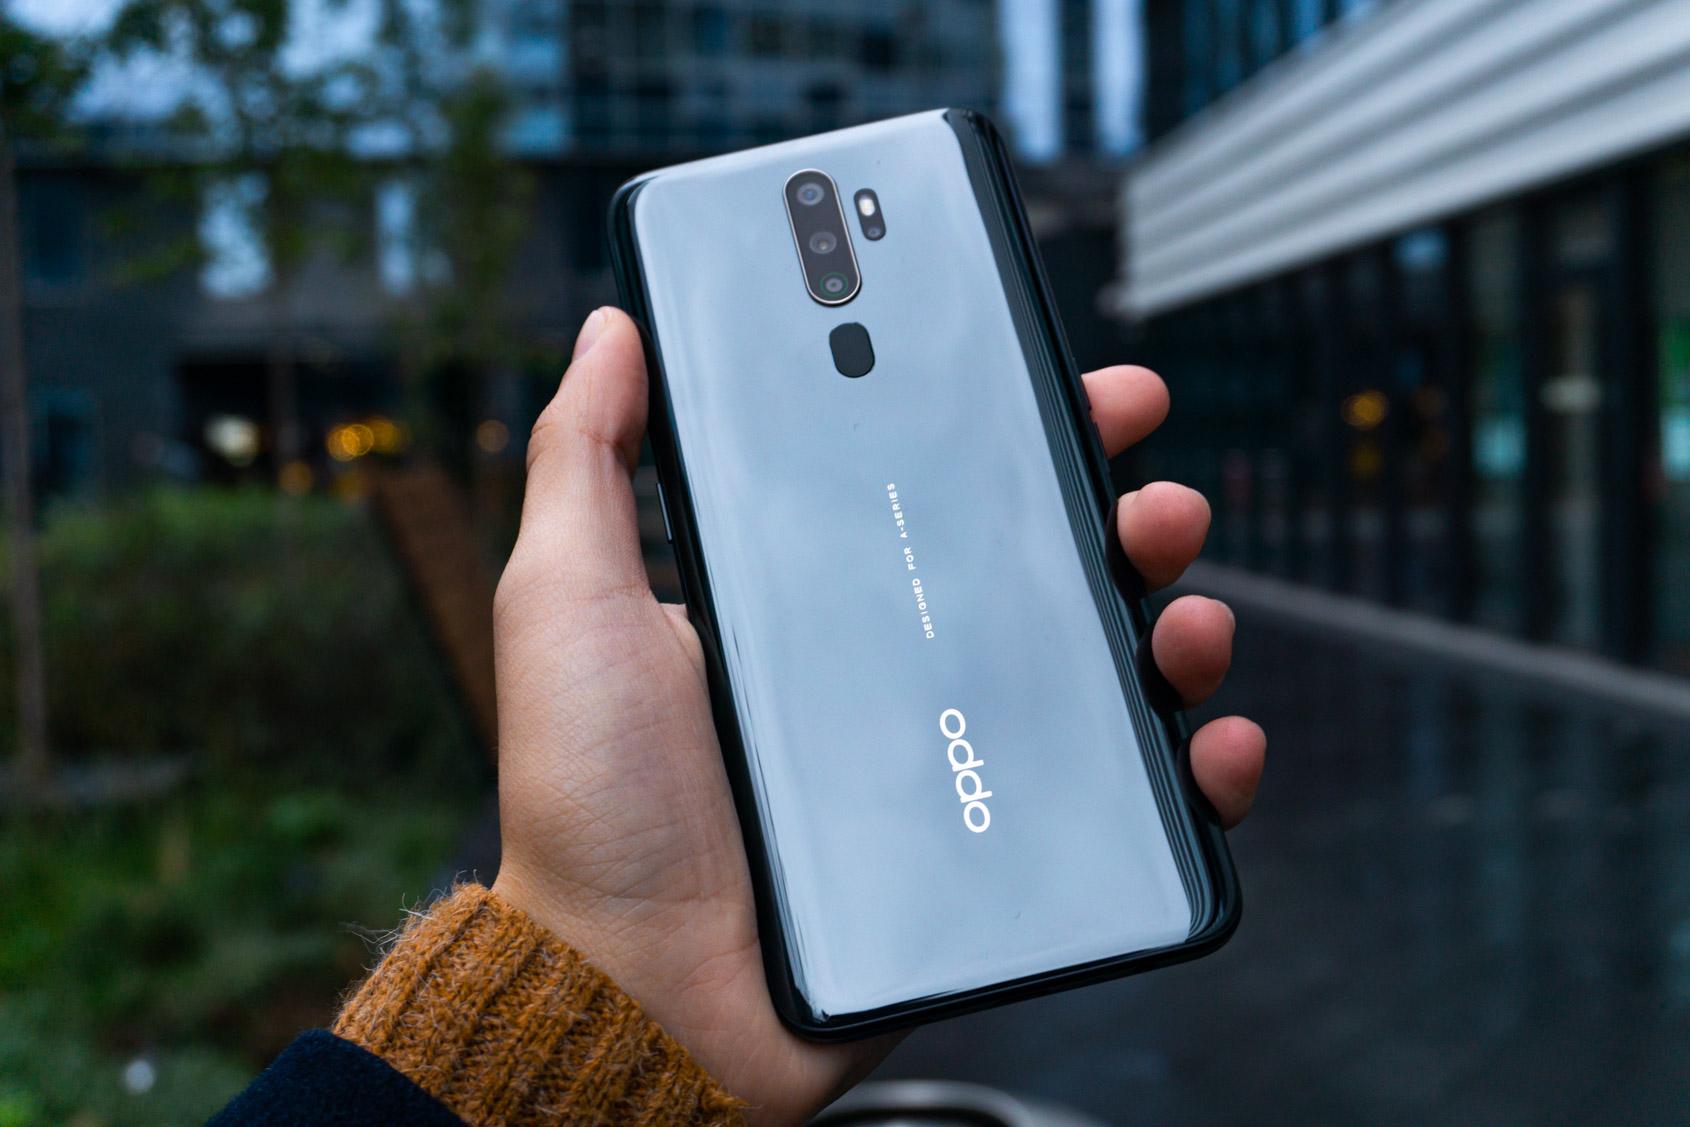 самые востребованные смартфоны 2019